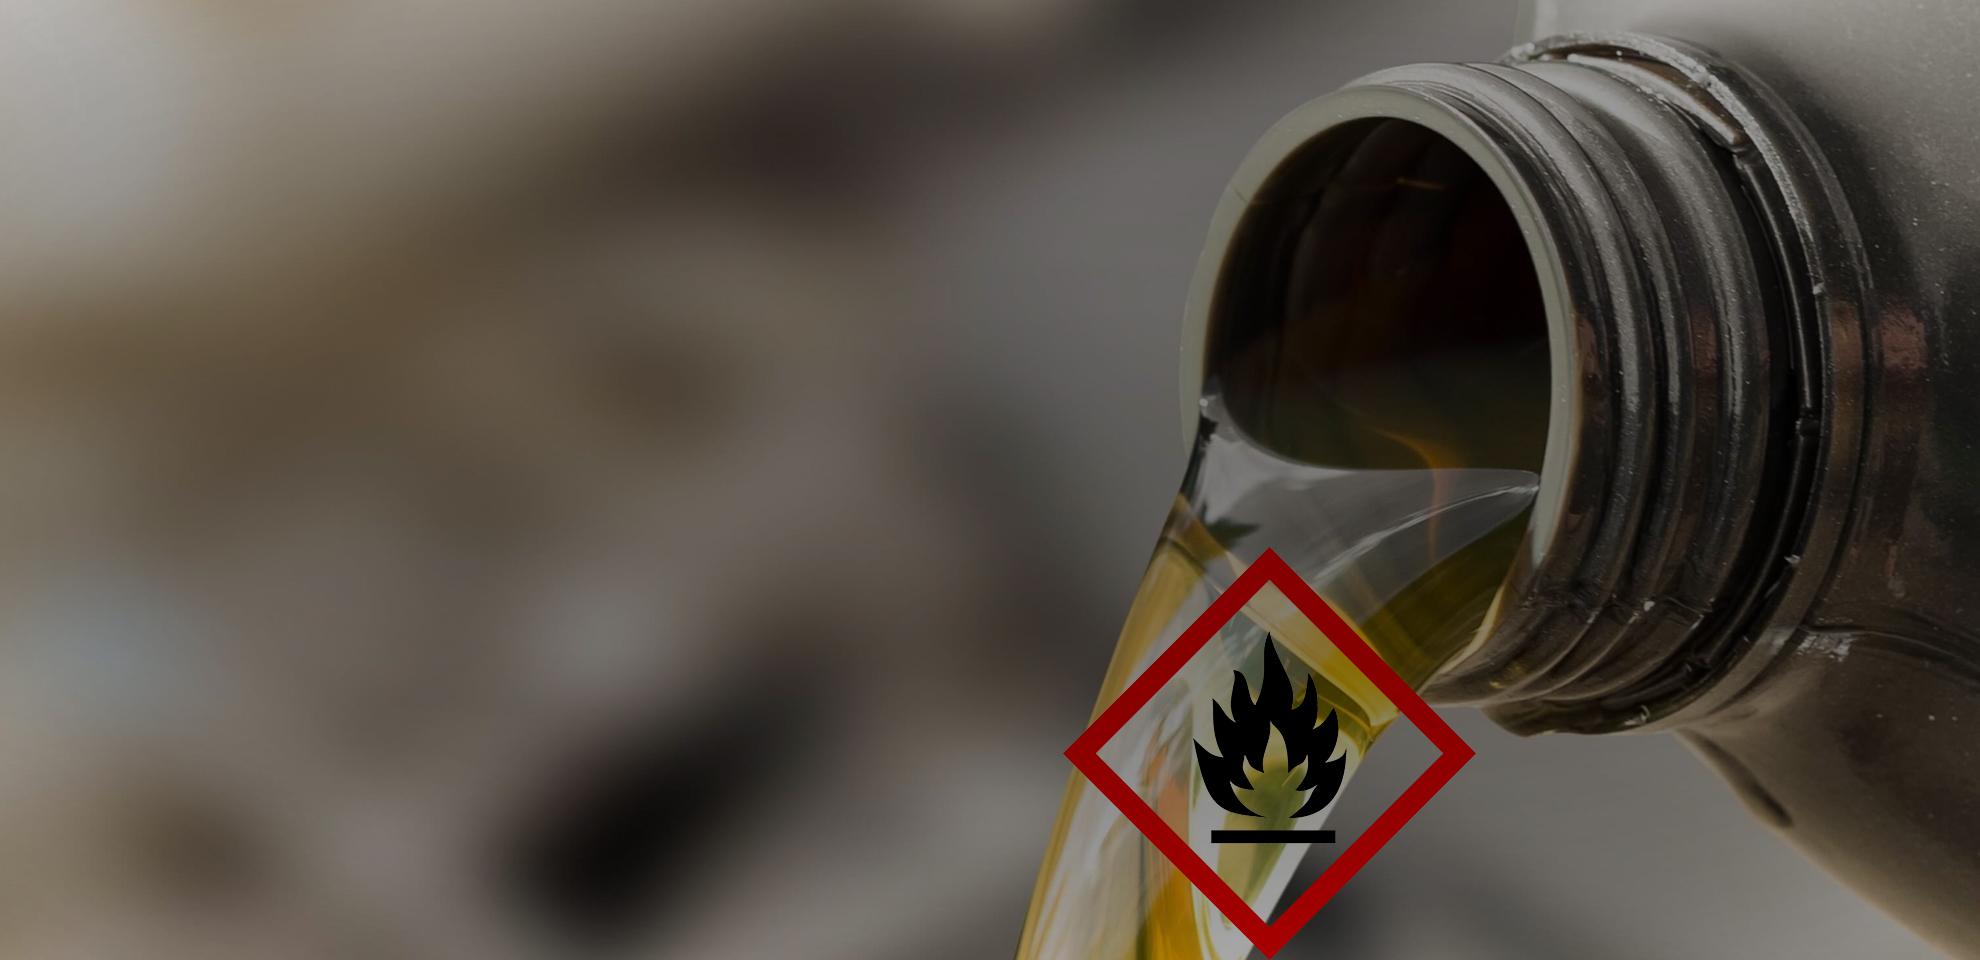 TRT2 afasta periculosidade em armazenamento de inflamáveis